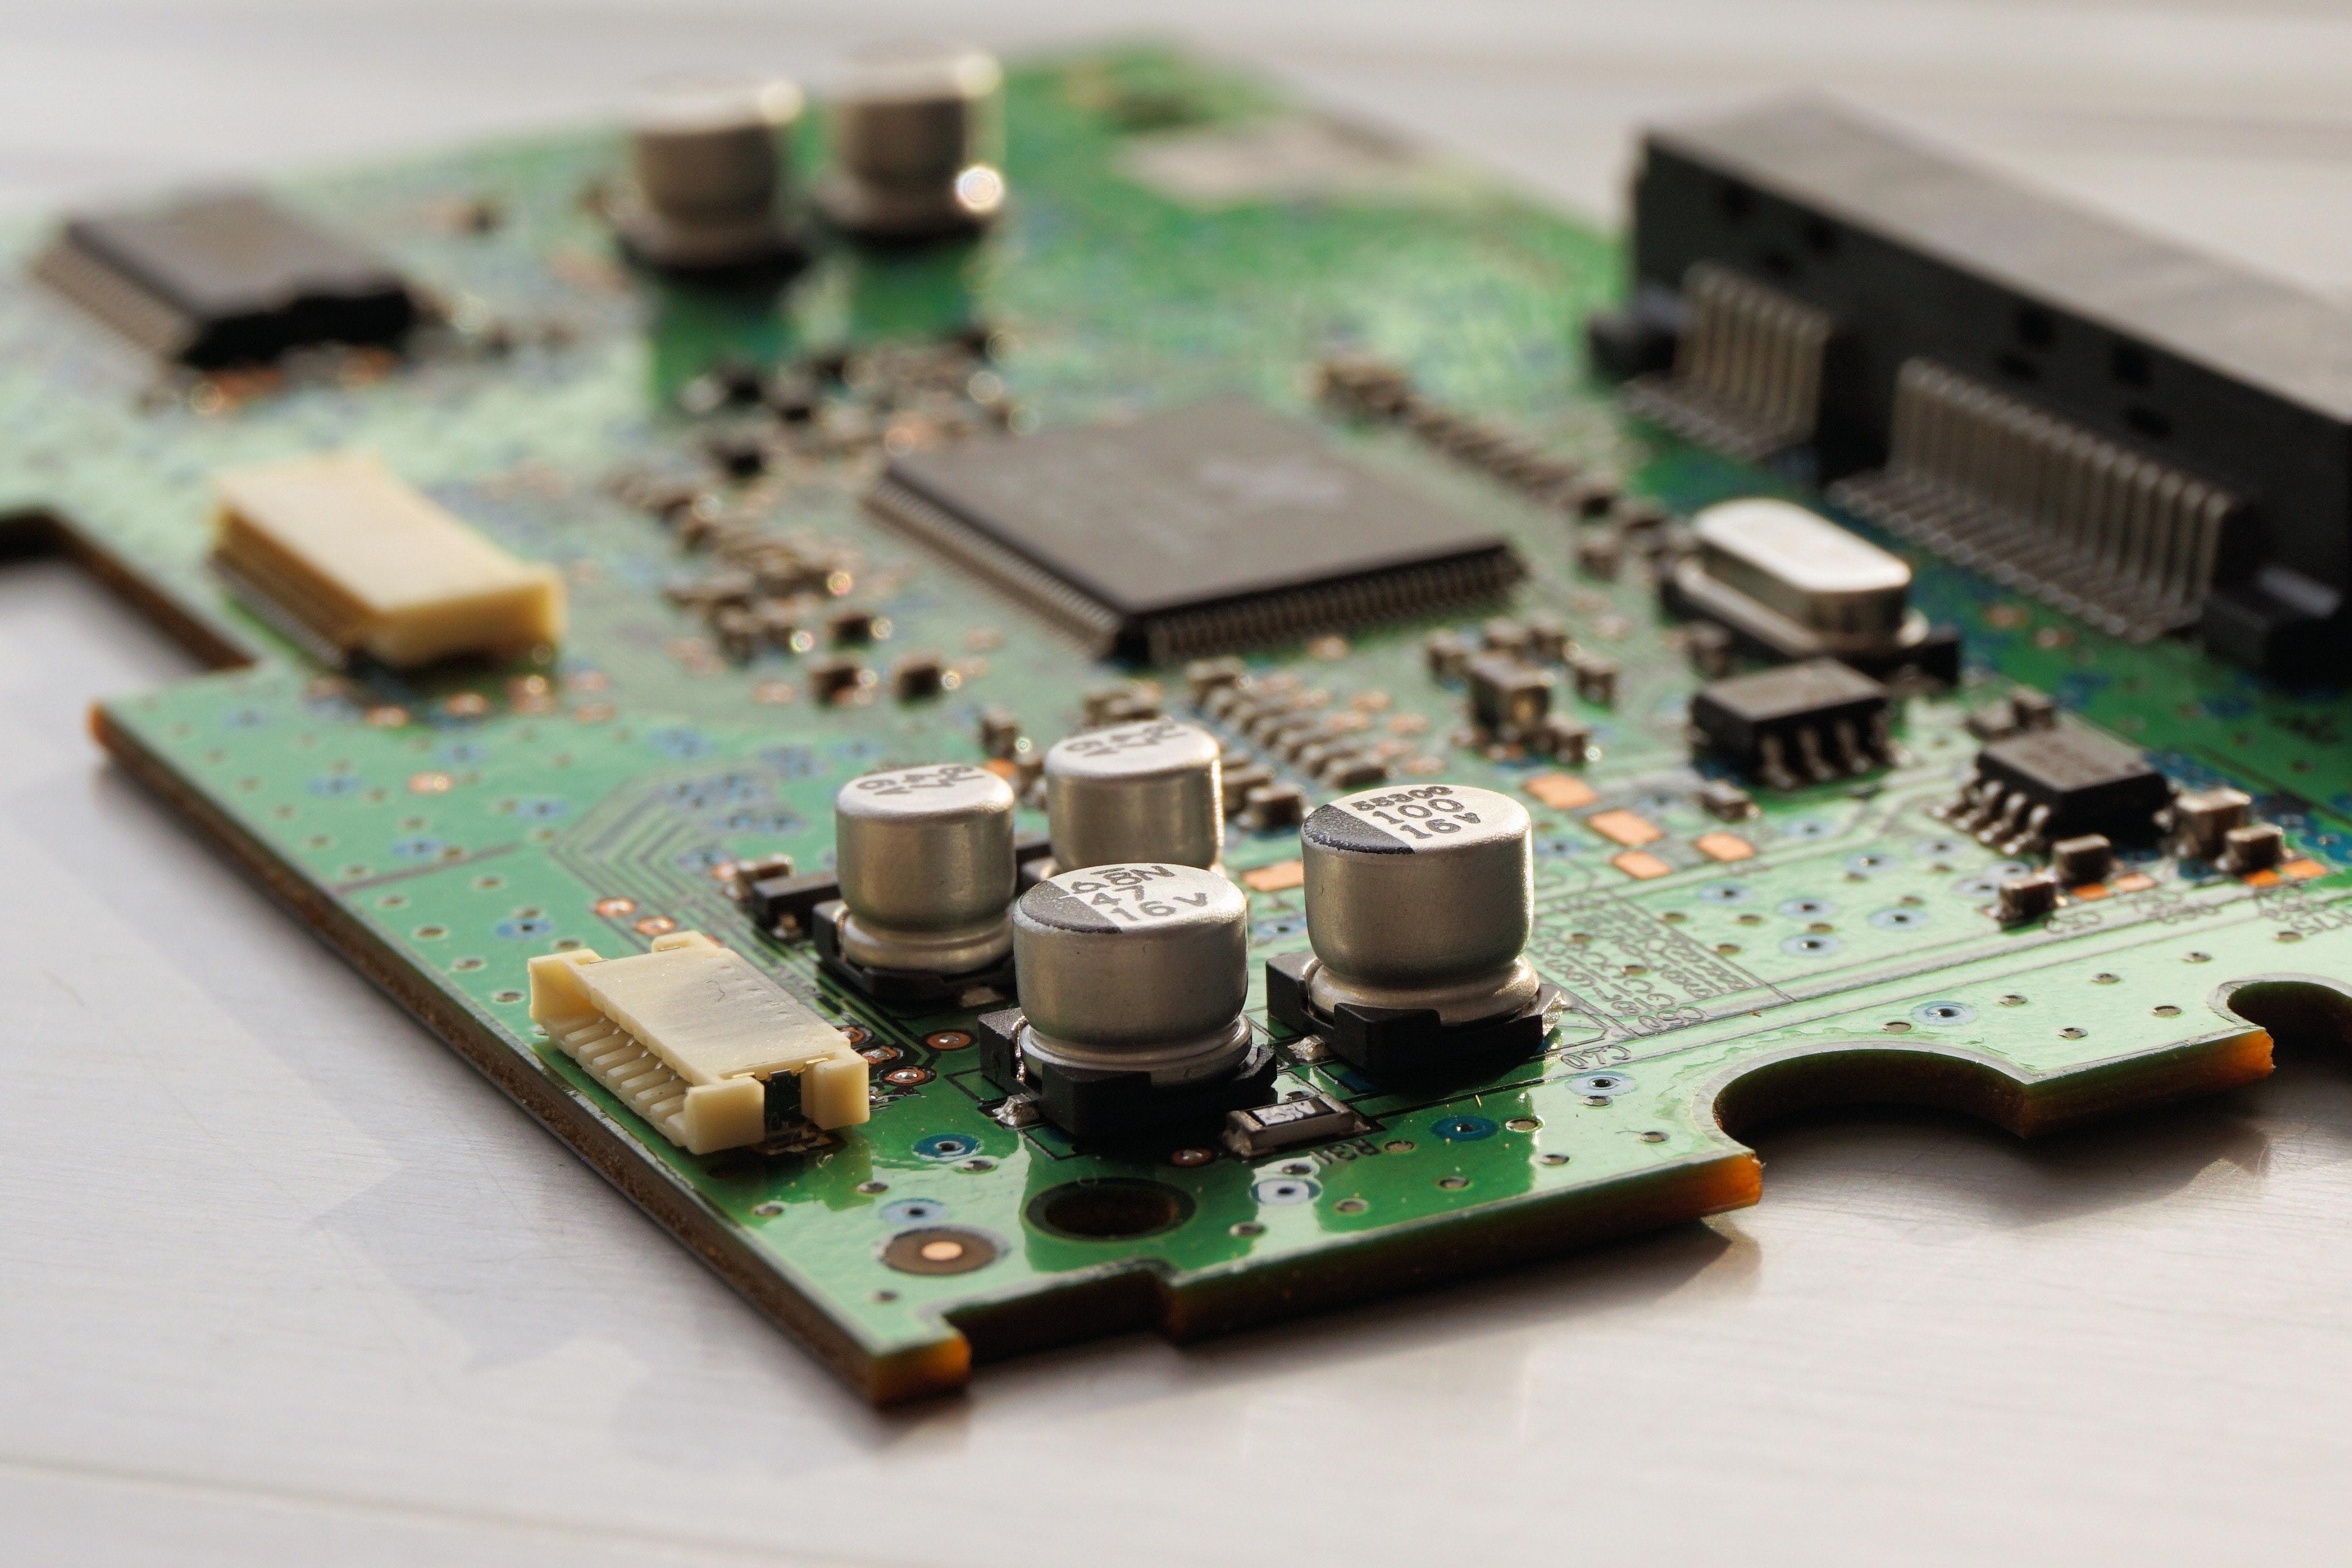 麦捷科技:一体电感产能持续扩张,市场份额稳步提升